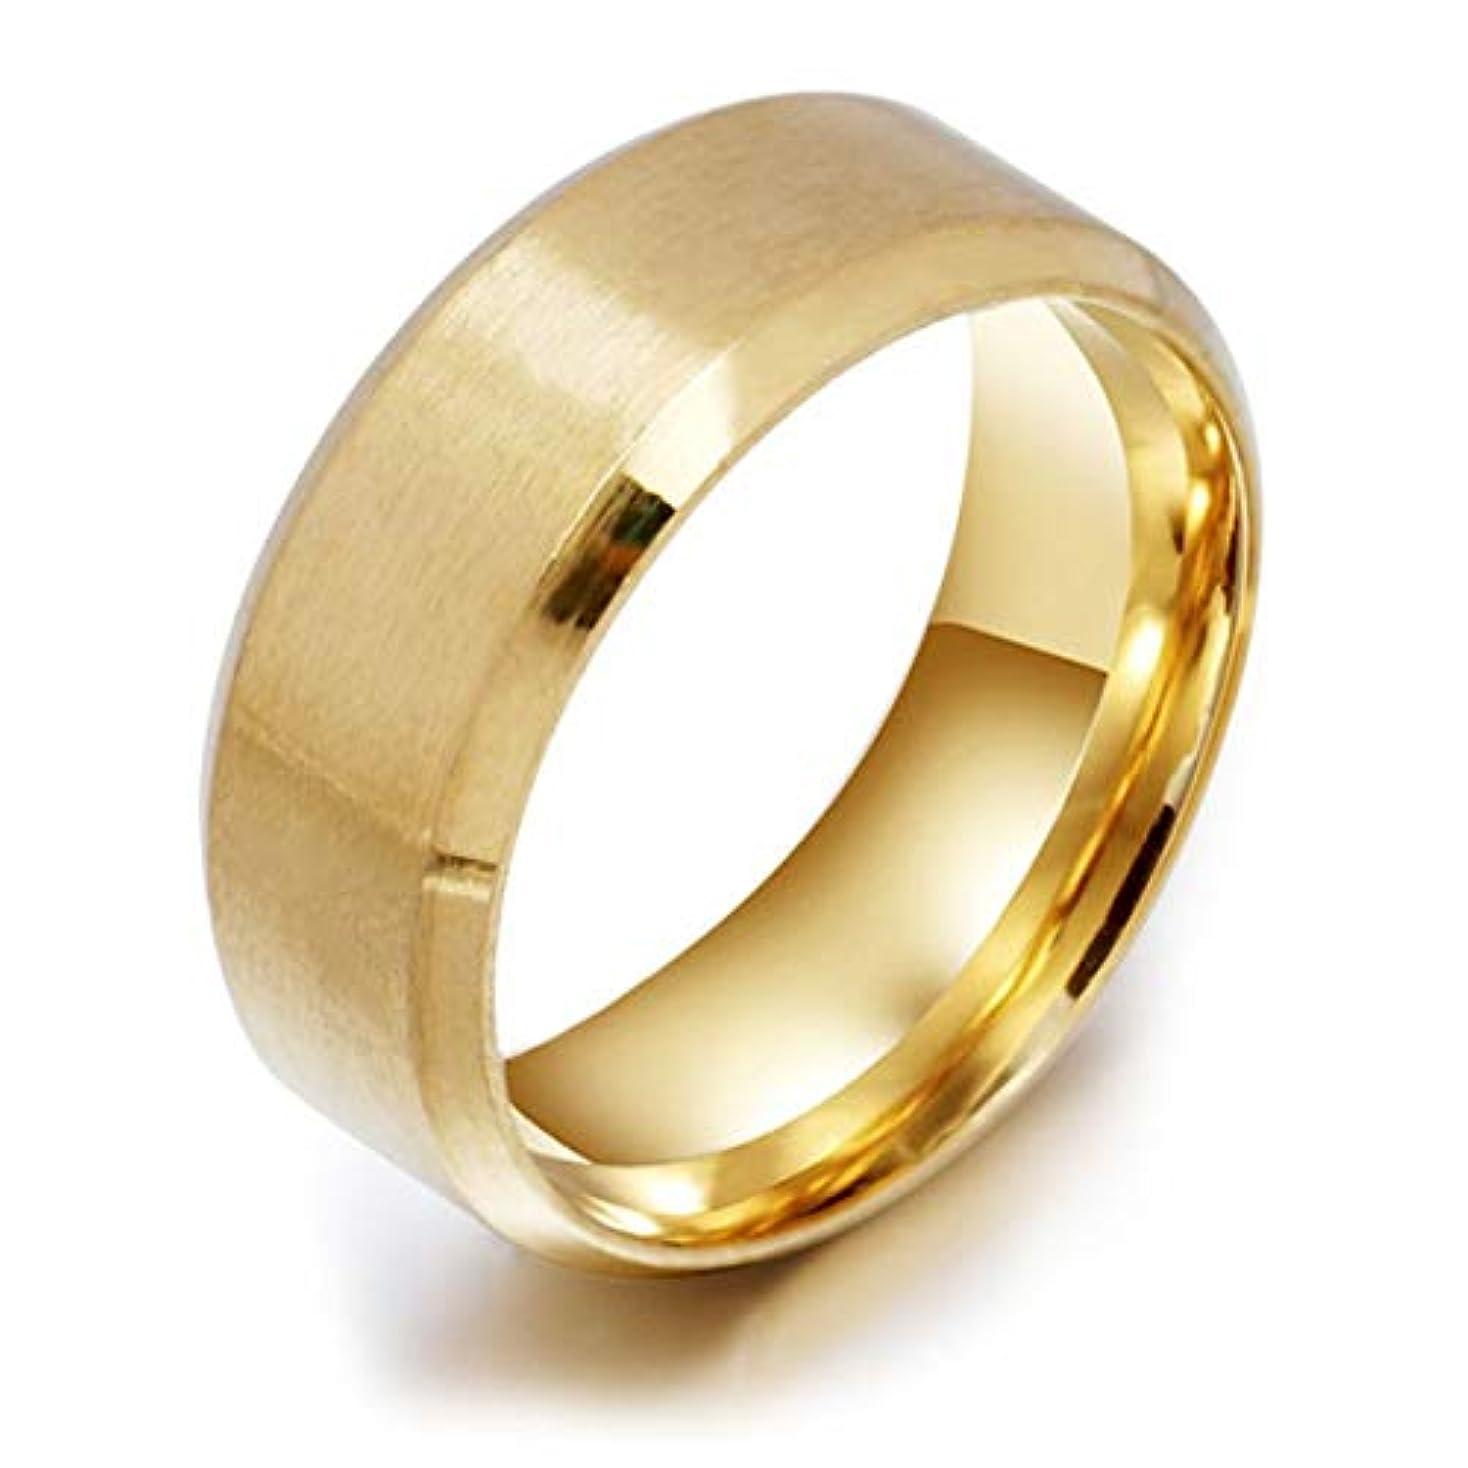 軽ブラシ会社ステンレス鋼の医療指リング磁気減量リング男性のための高いポーランドのファッションジュエリー女性リング-ゴールド10